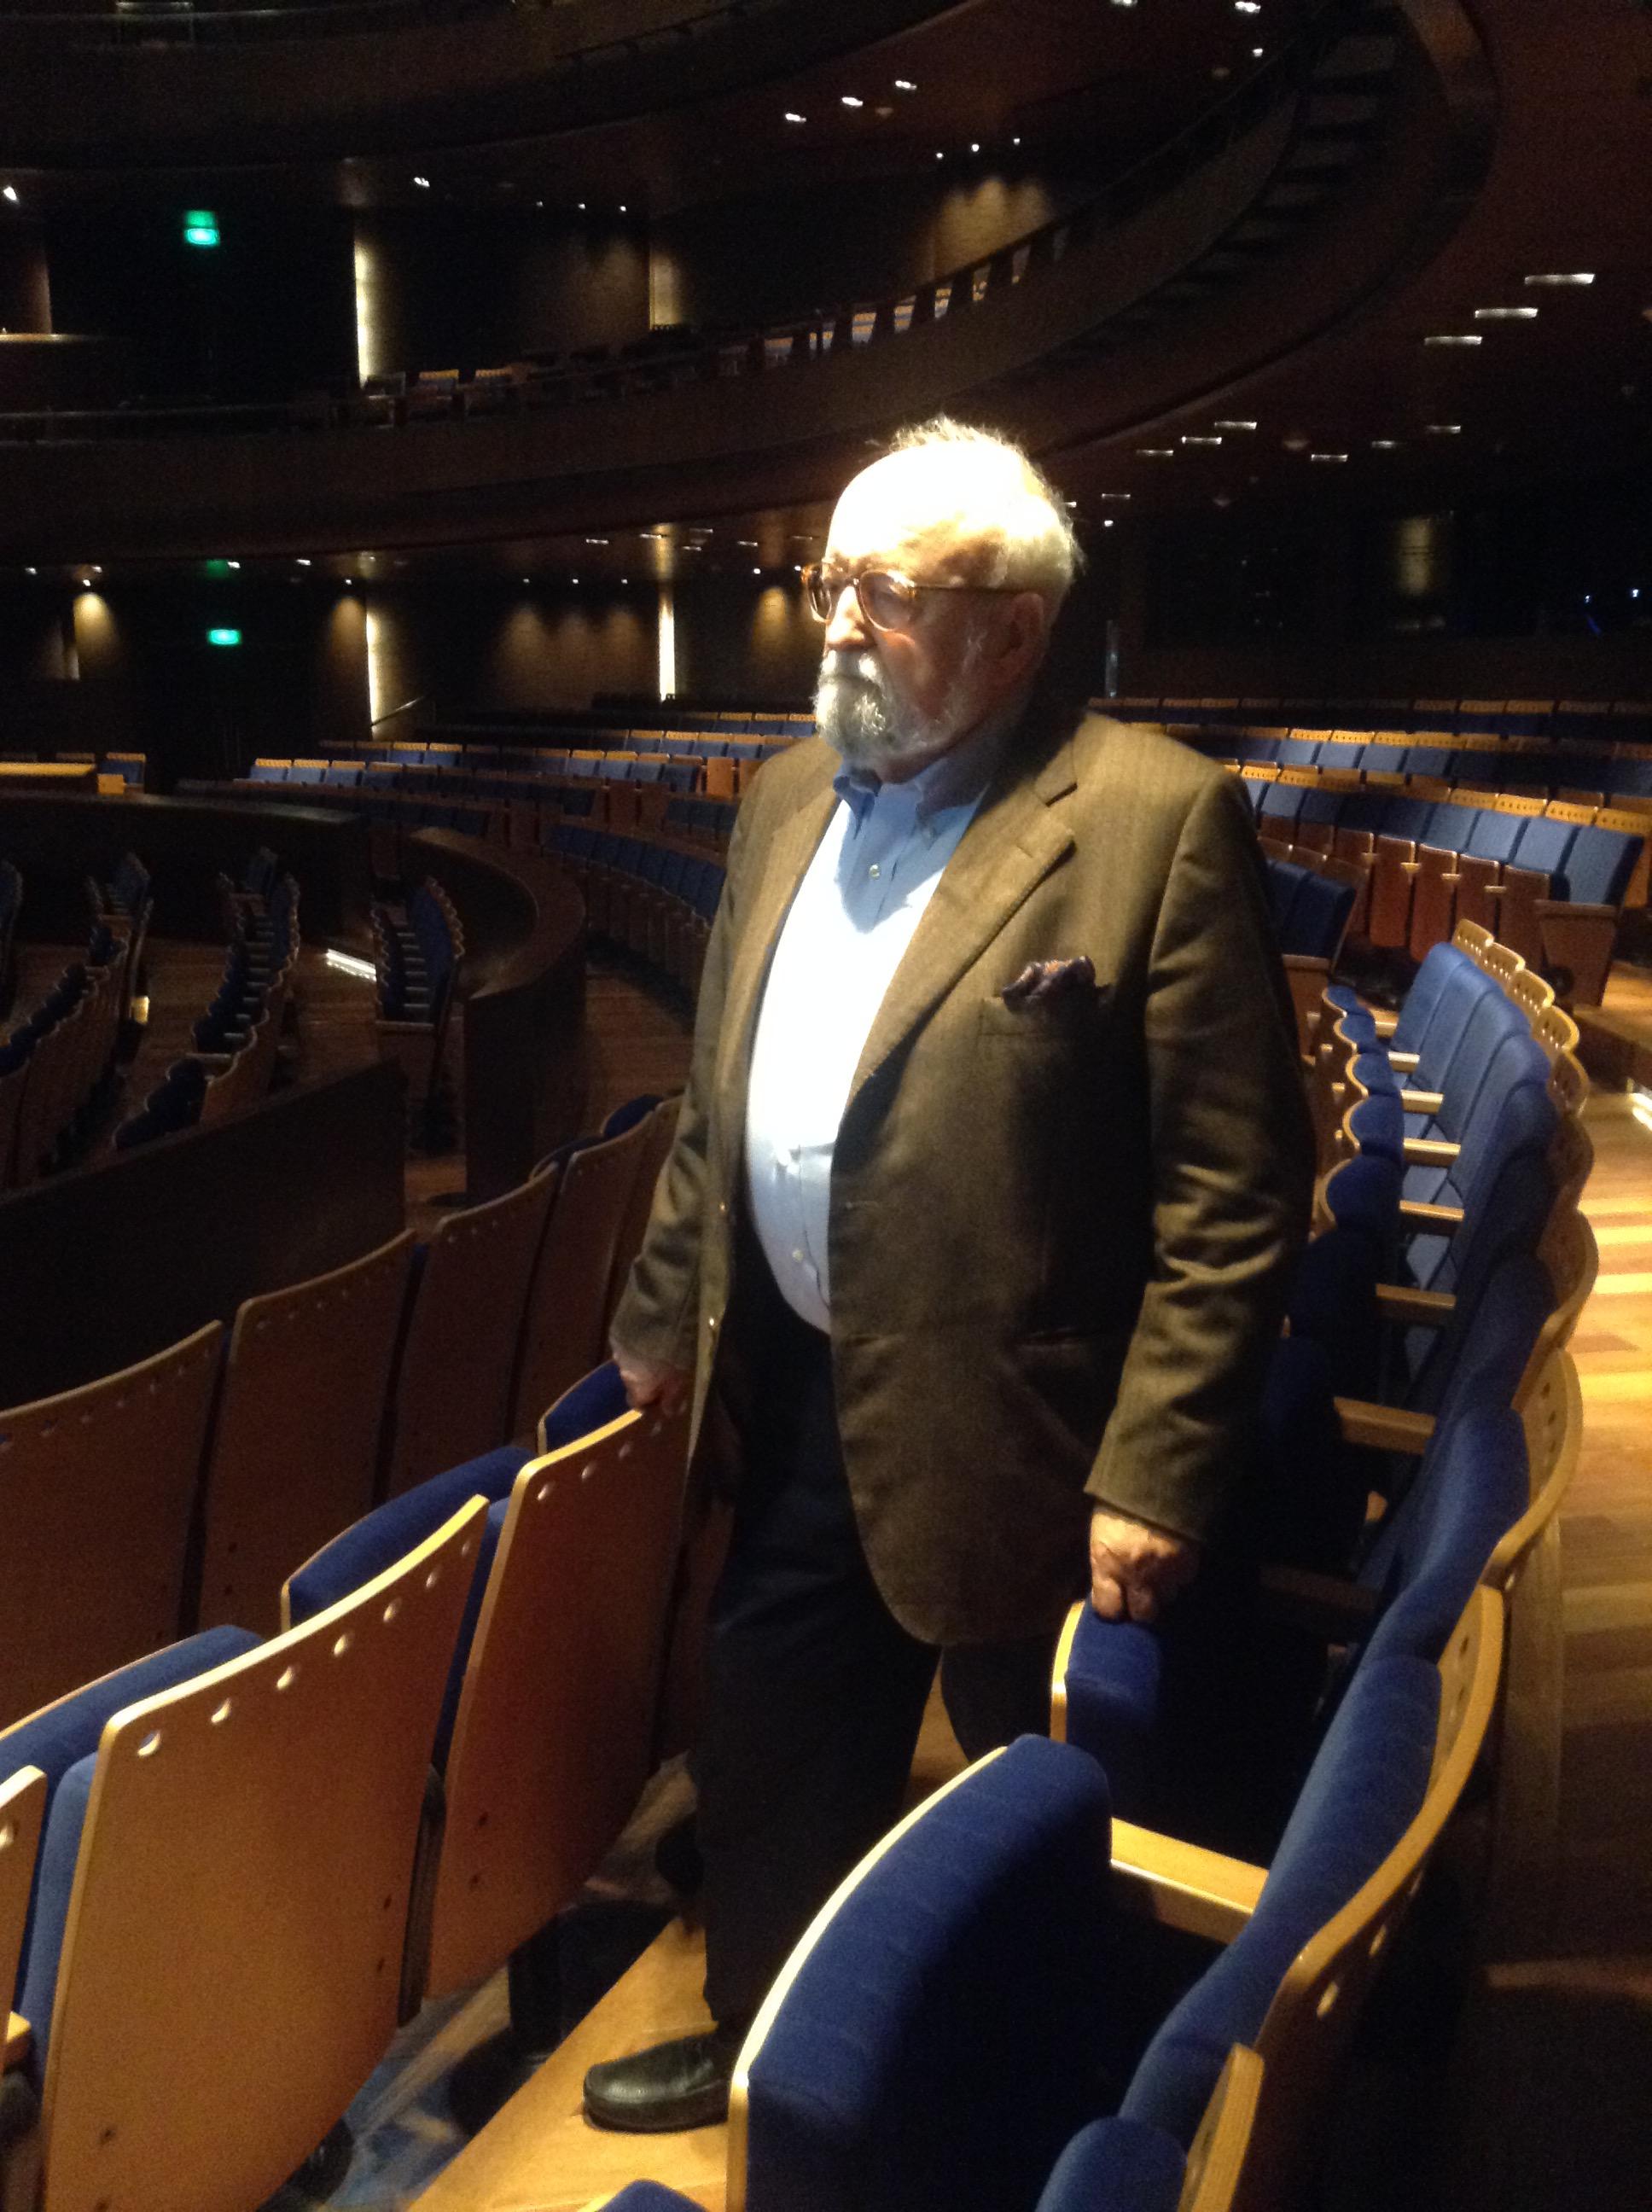 El maestro disfrutando por primera vez dentro del Gran Teatro Nacional